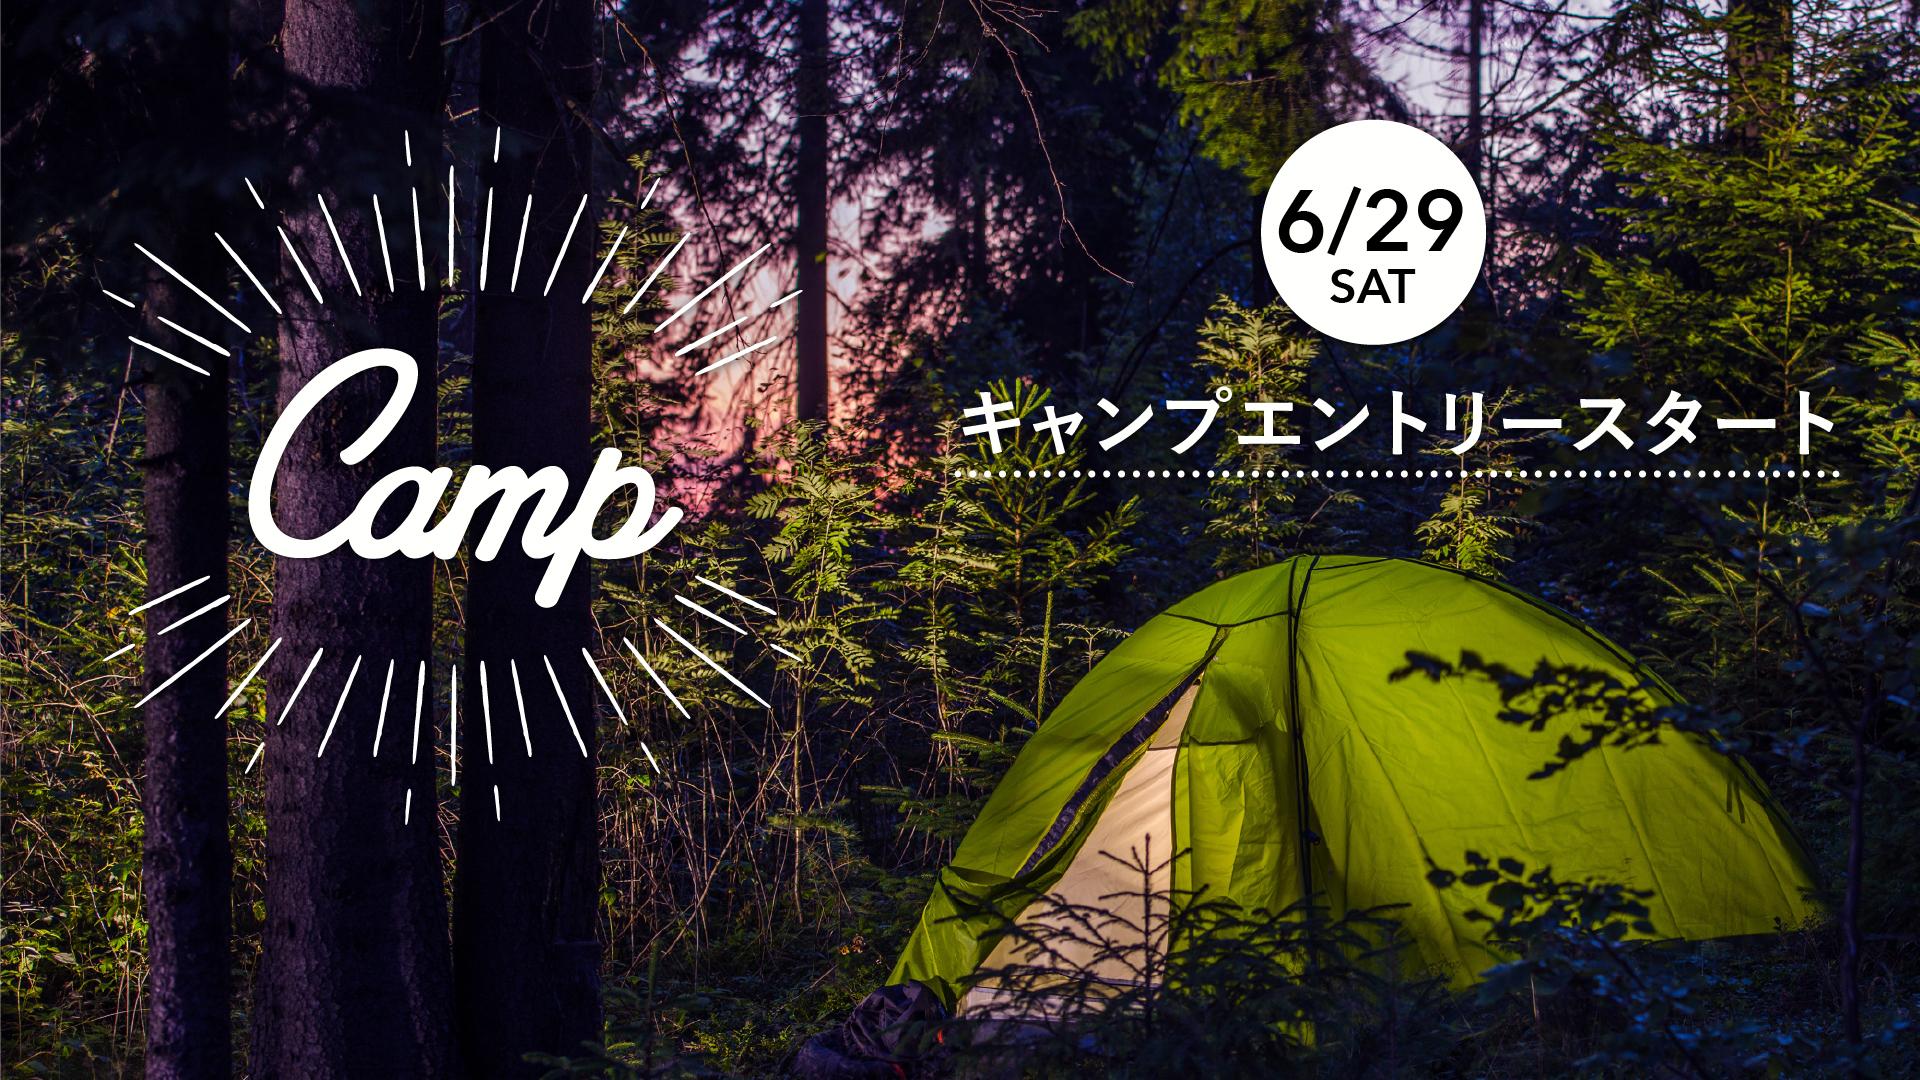 キャンプエントリー開始!